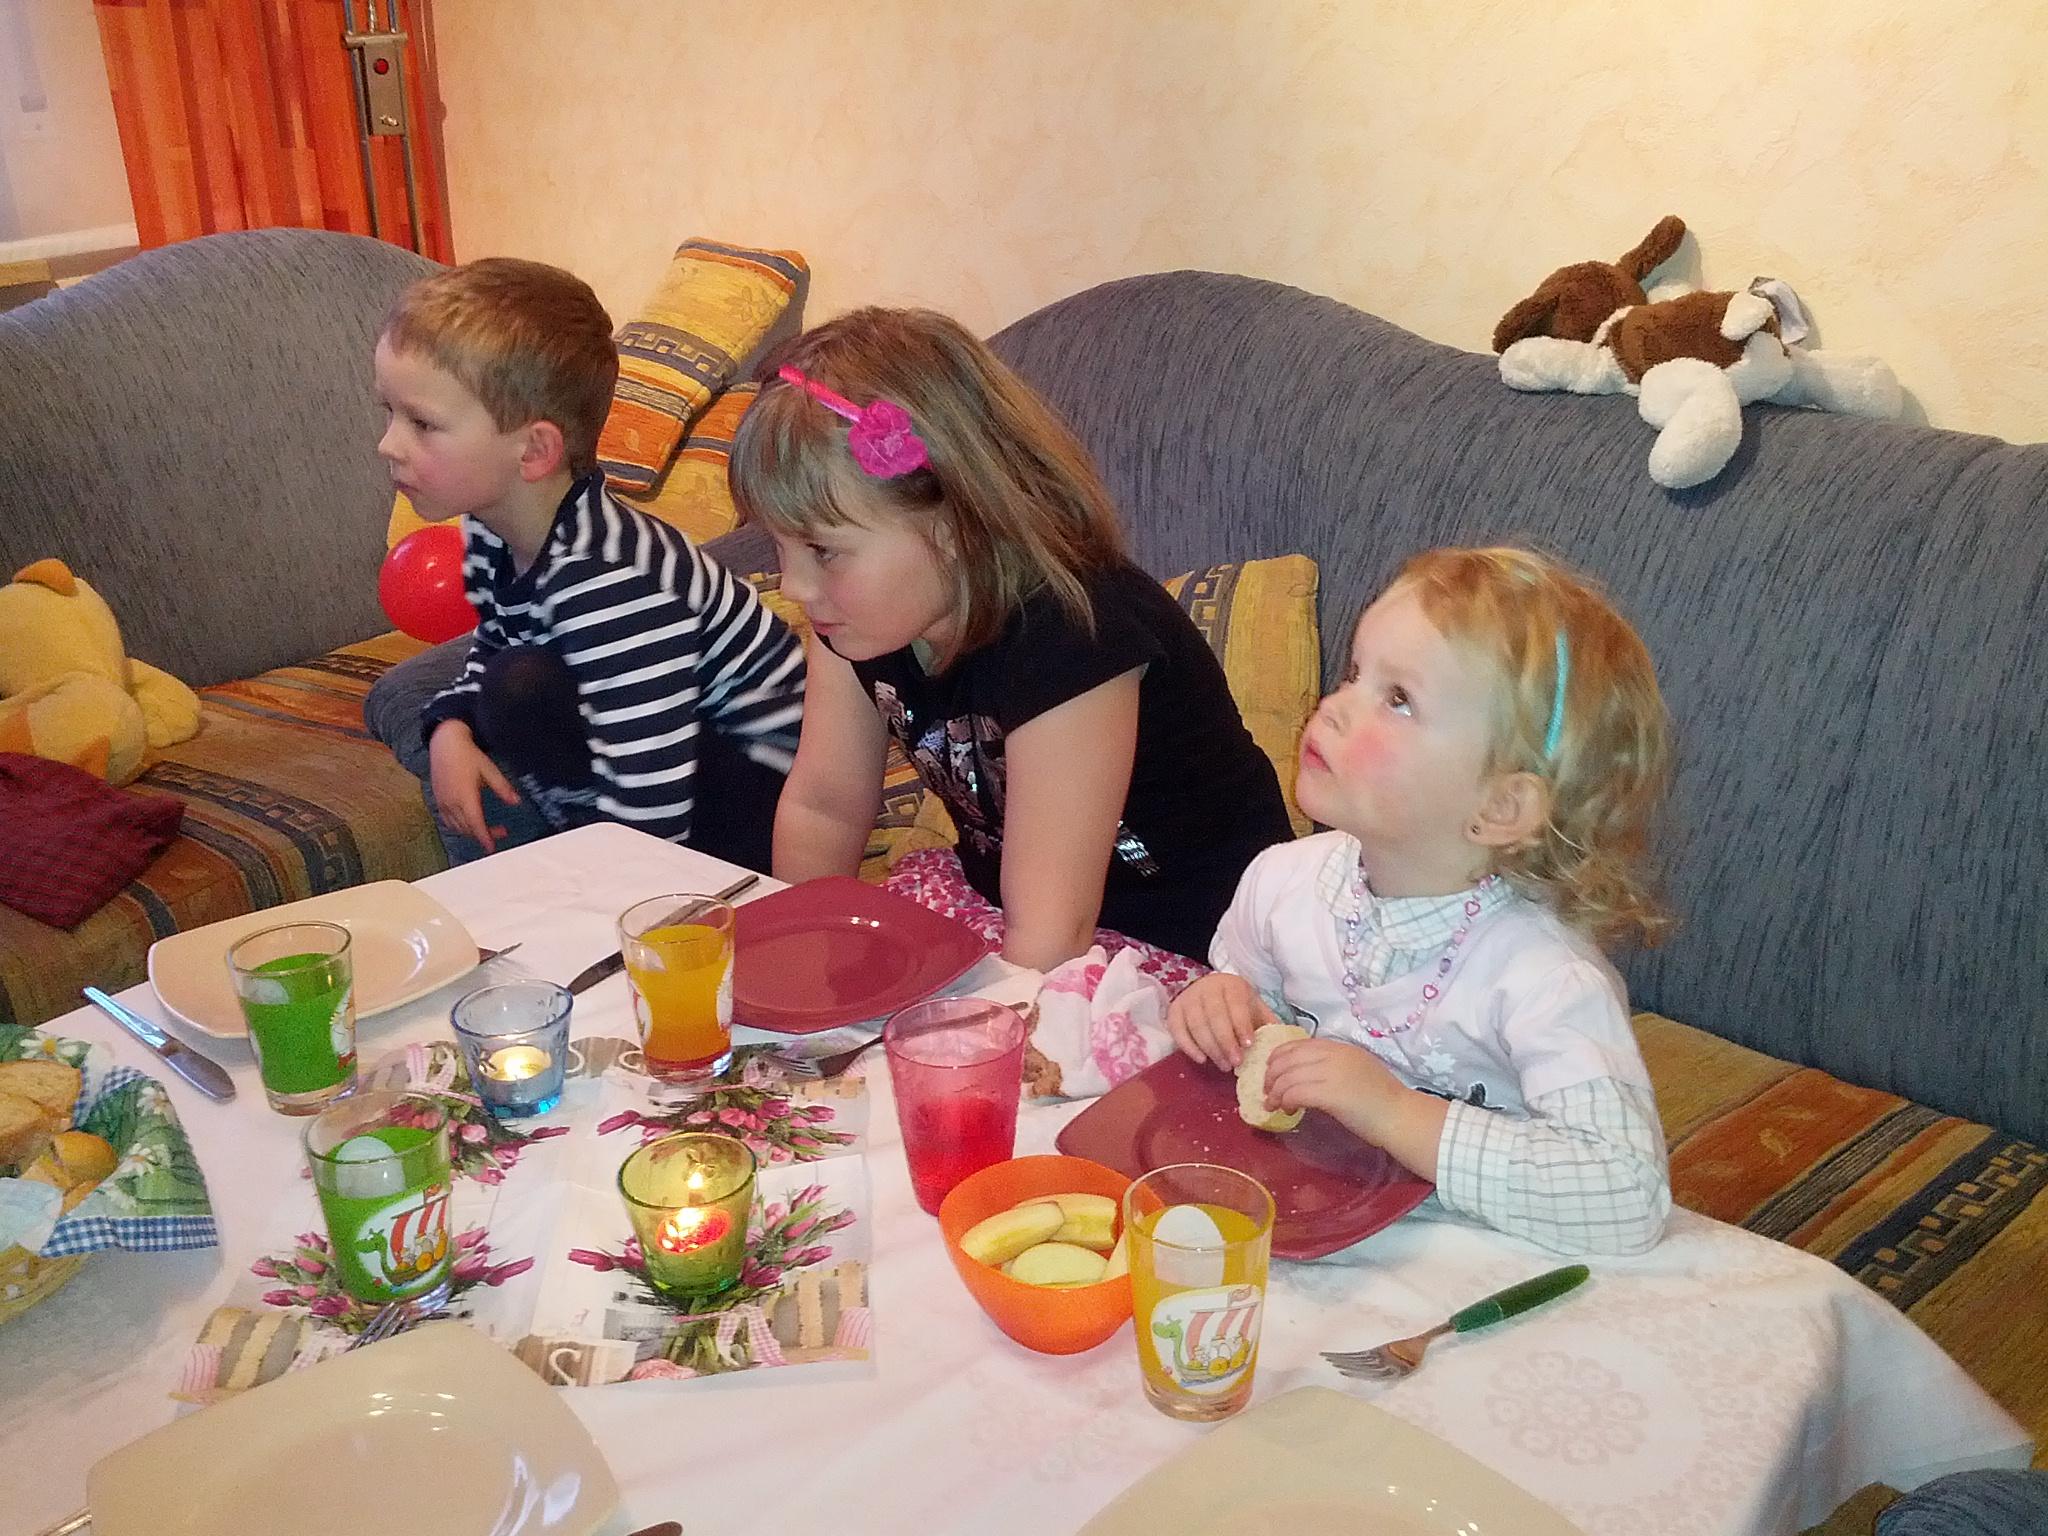 Geburtstagsfeier bei Pascal. Die Kinder werden mit Essen und einem Film abgelenkt.